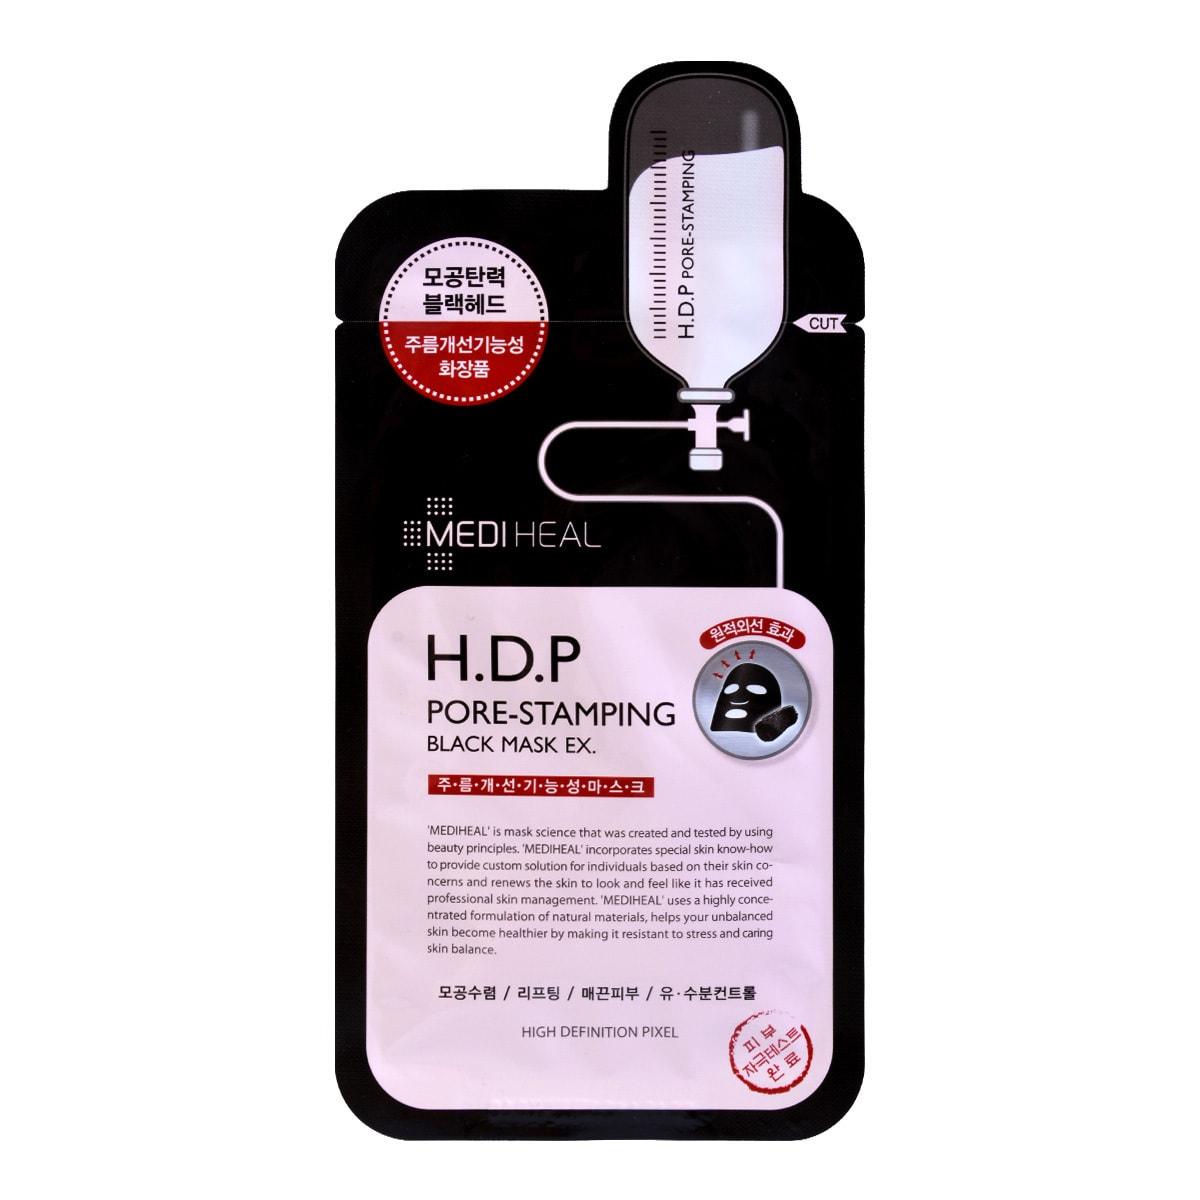 韩国MEDIHEAL美迪惠尔(可莱丝) H.D.P 收缩毛孔竹炭矿物面膜贴 单片入